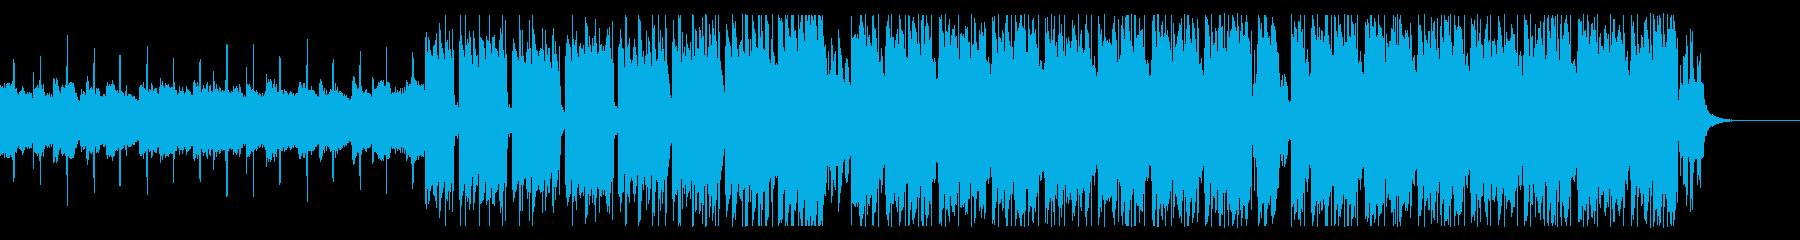 爽快・クール・Future Bass bの再生済みの波形